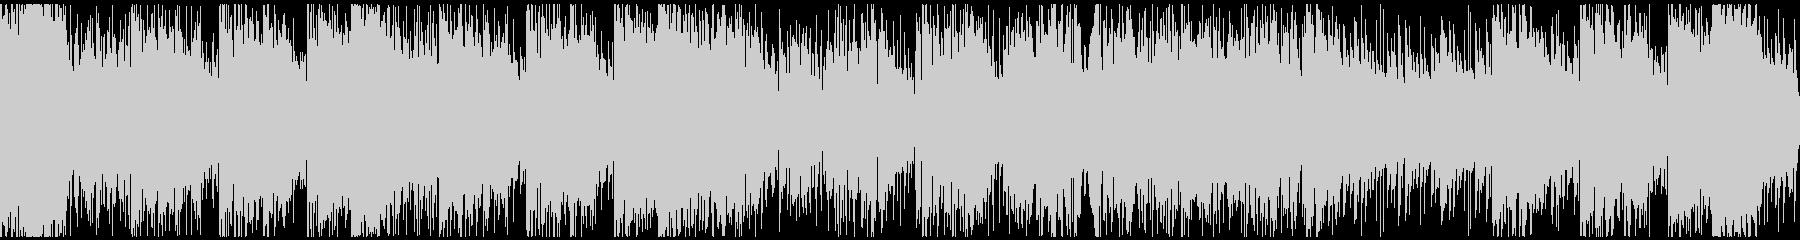 怪盗系ハードボイルドジャズ ※ループ版の未再生の波形